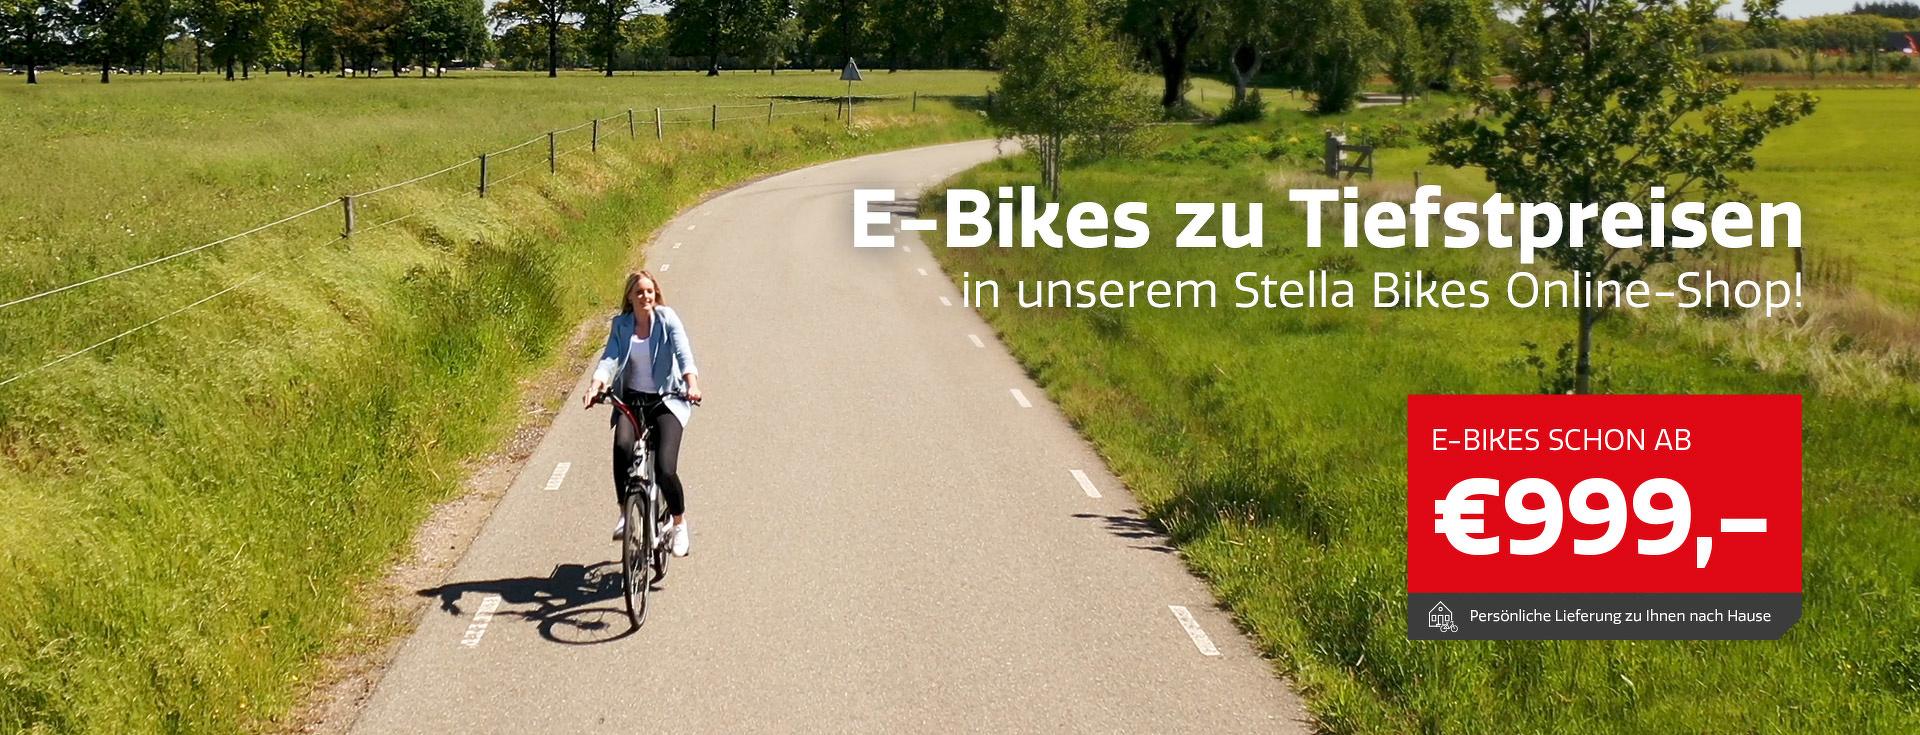 Stella E-Bikes zu Tiefstpreisen!